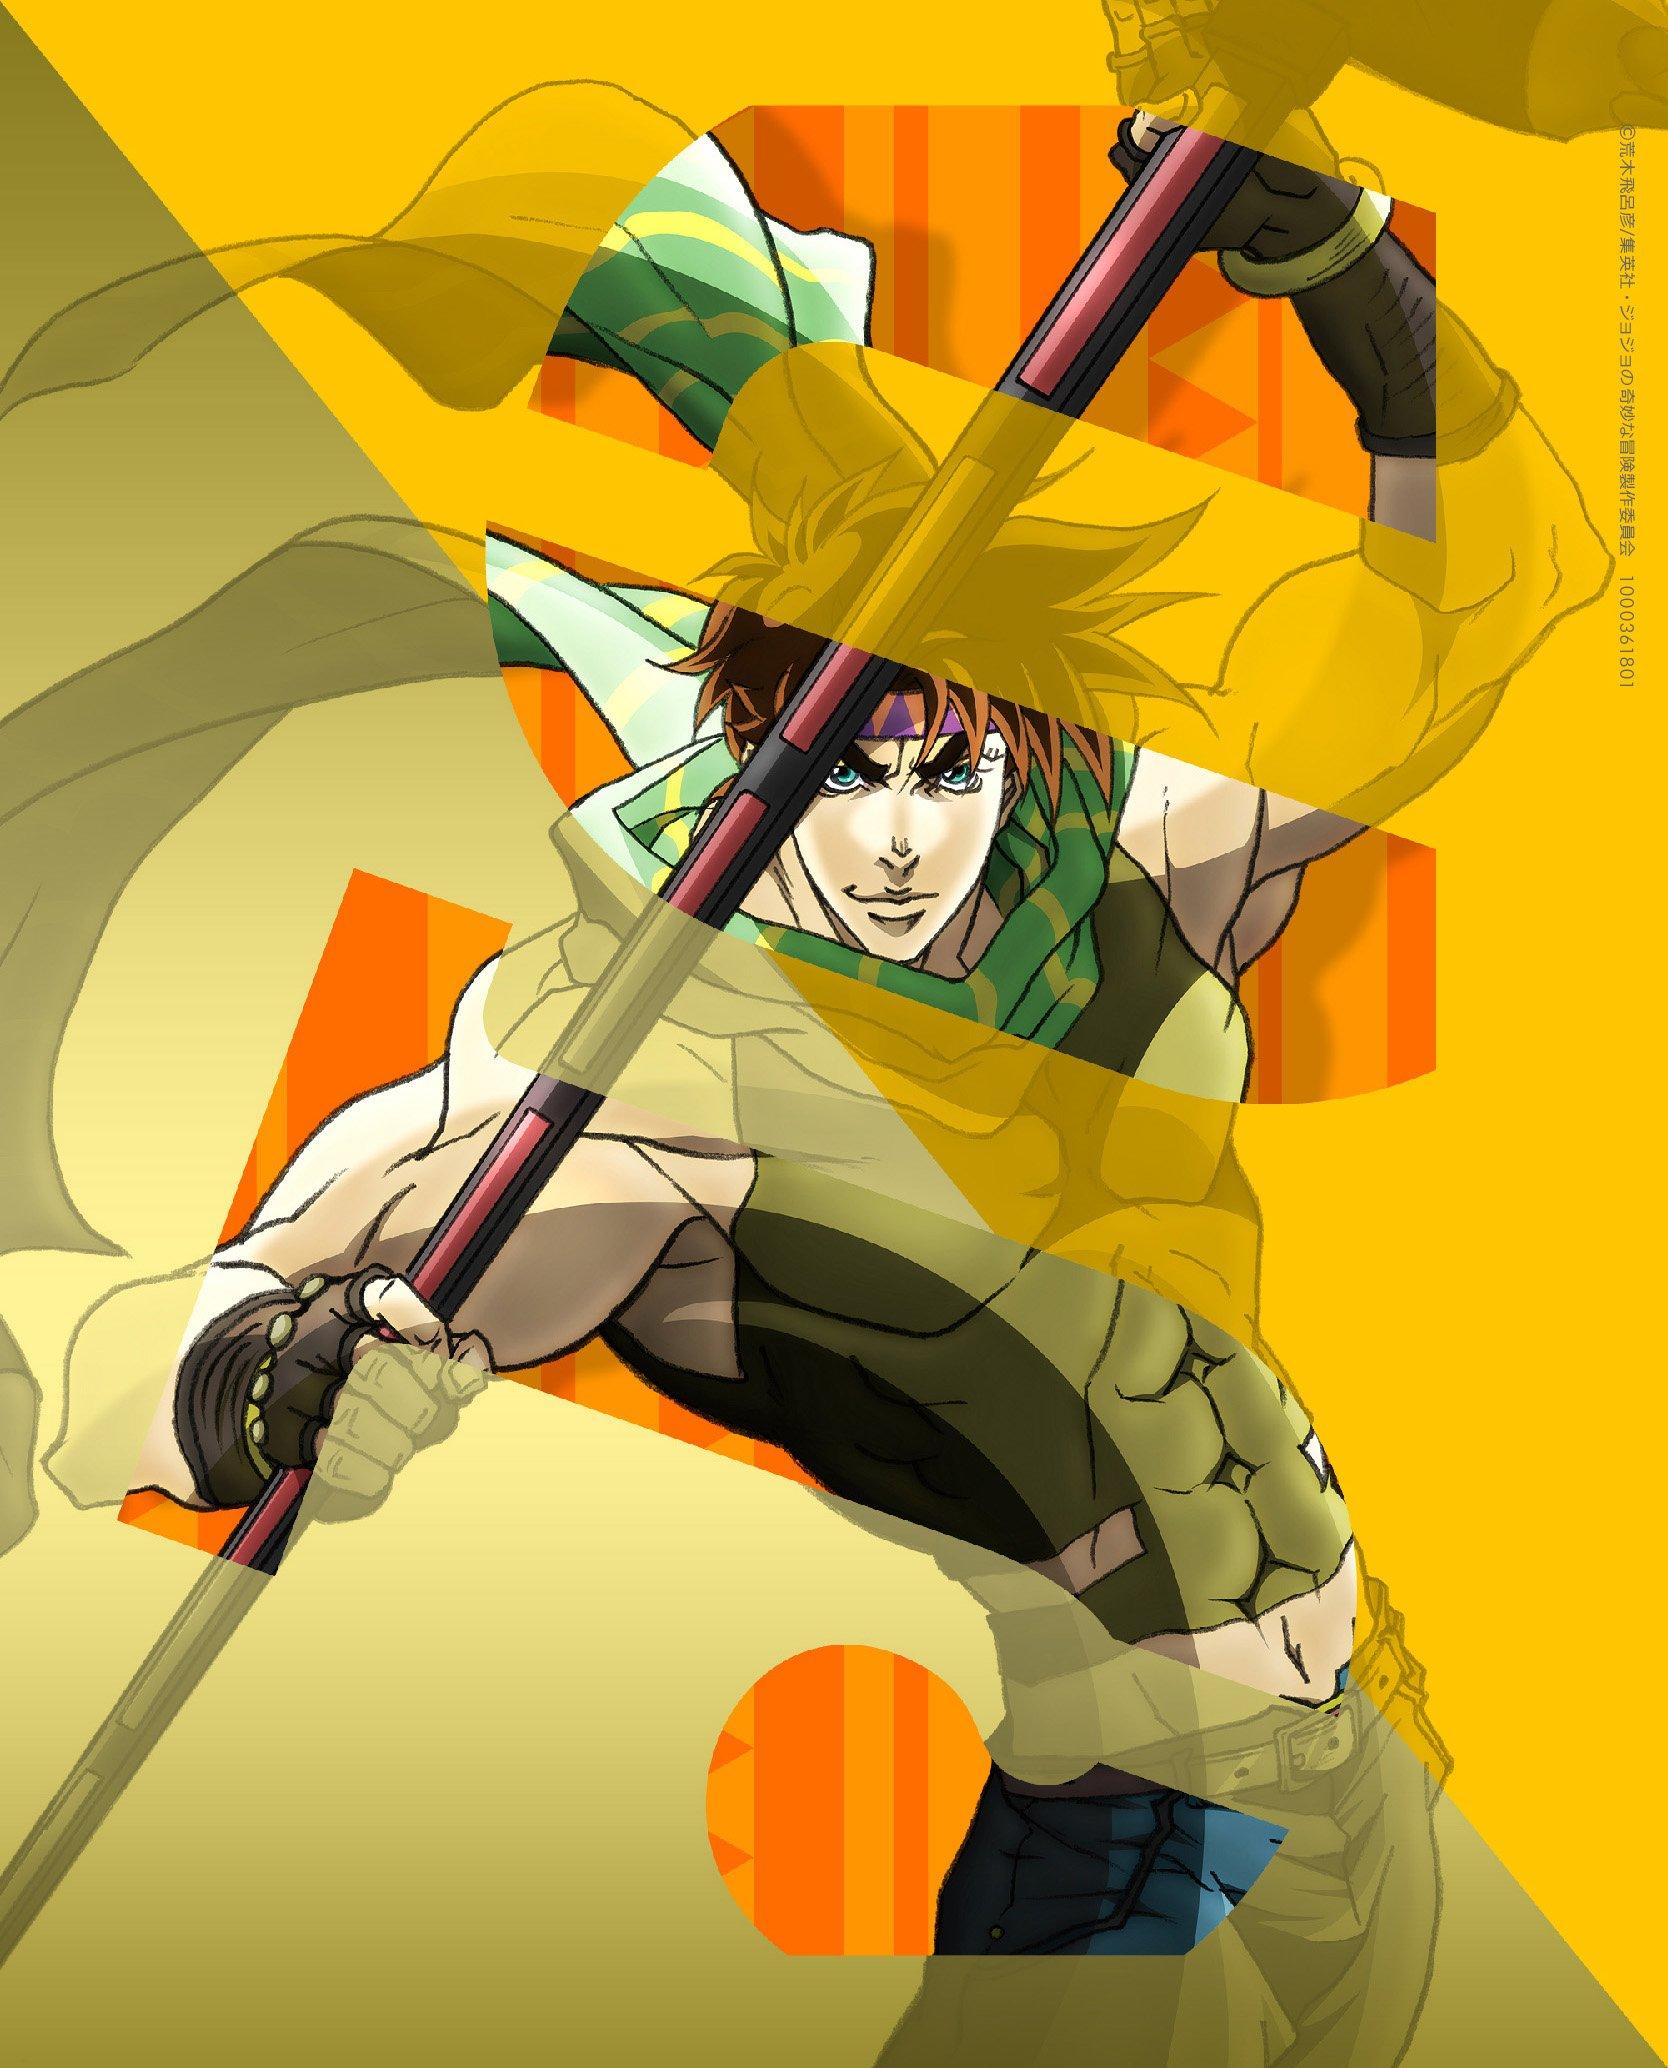 jojo_no_kimyou_na_bouken araki_hirohiko battle_tendency iwasaki_taku blu-ray warner_home_video david_production tsuda_naokatsu